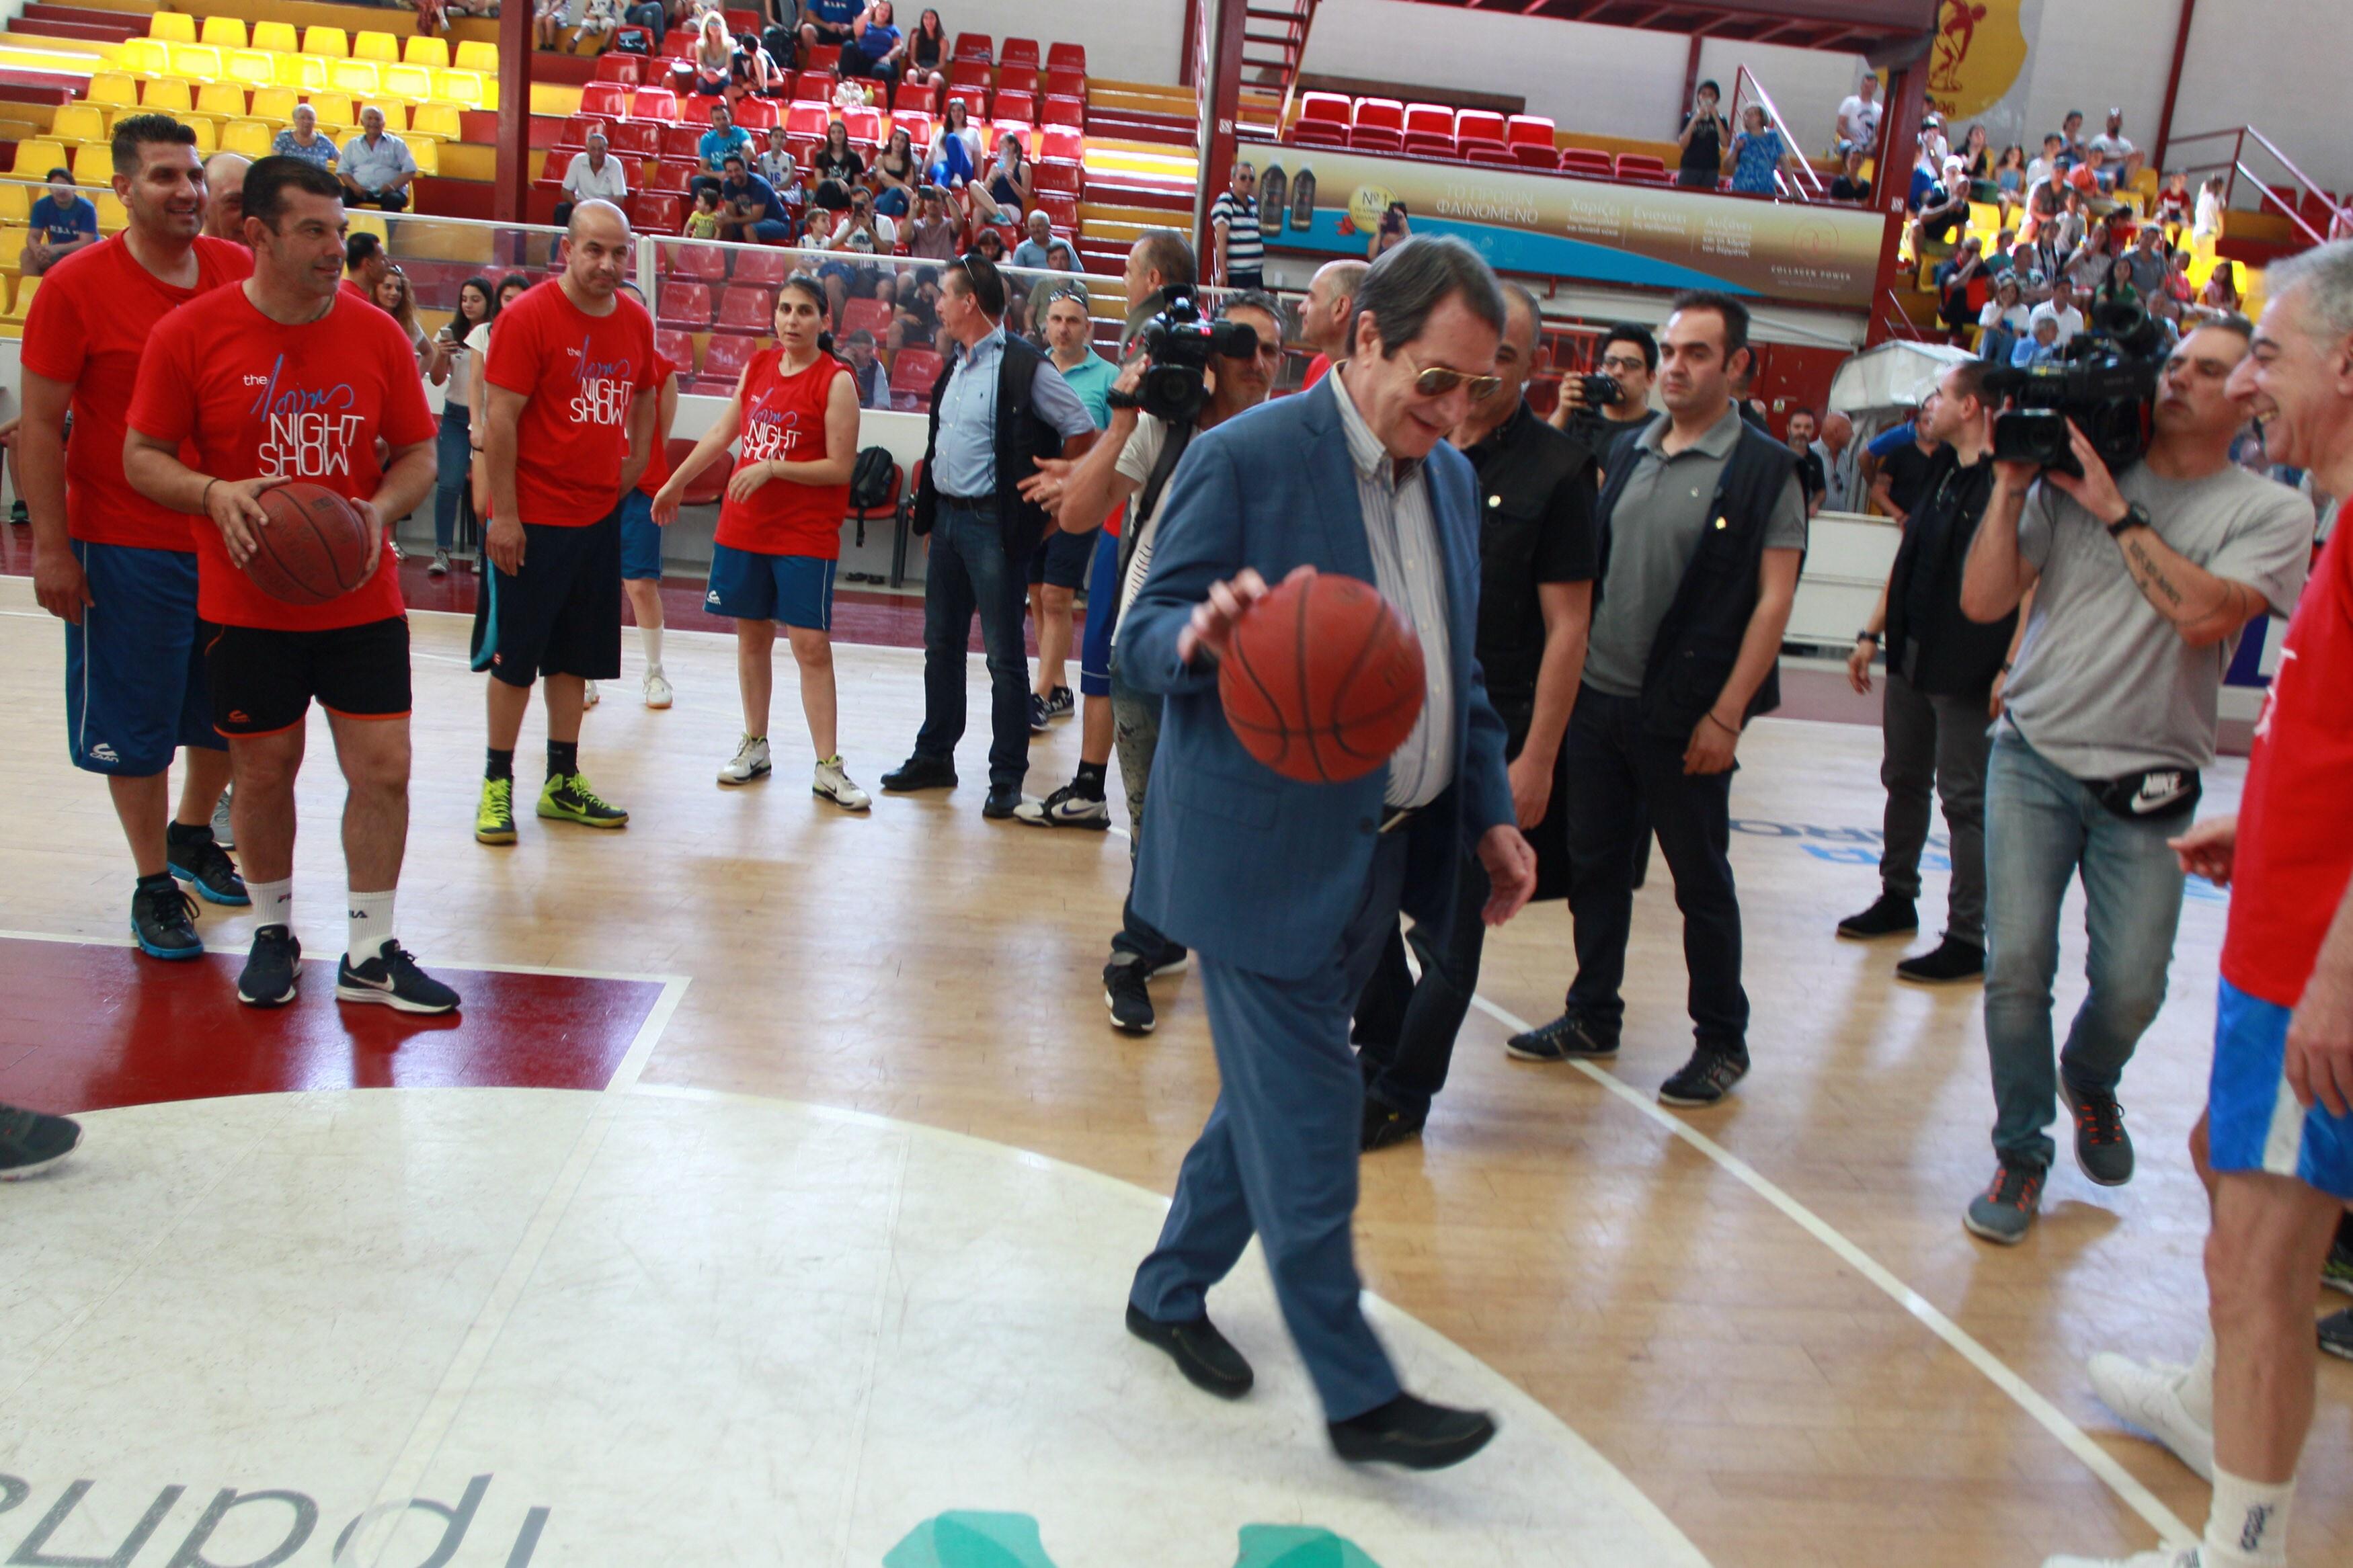 Έπαιξε μπάσκετ για καλό σκοπό ο Πρόεδρος